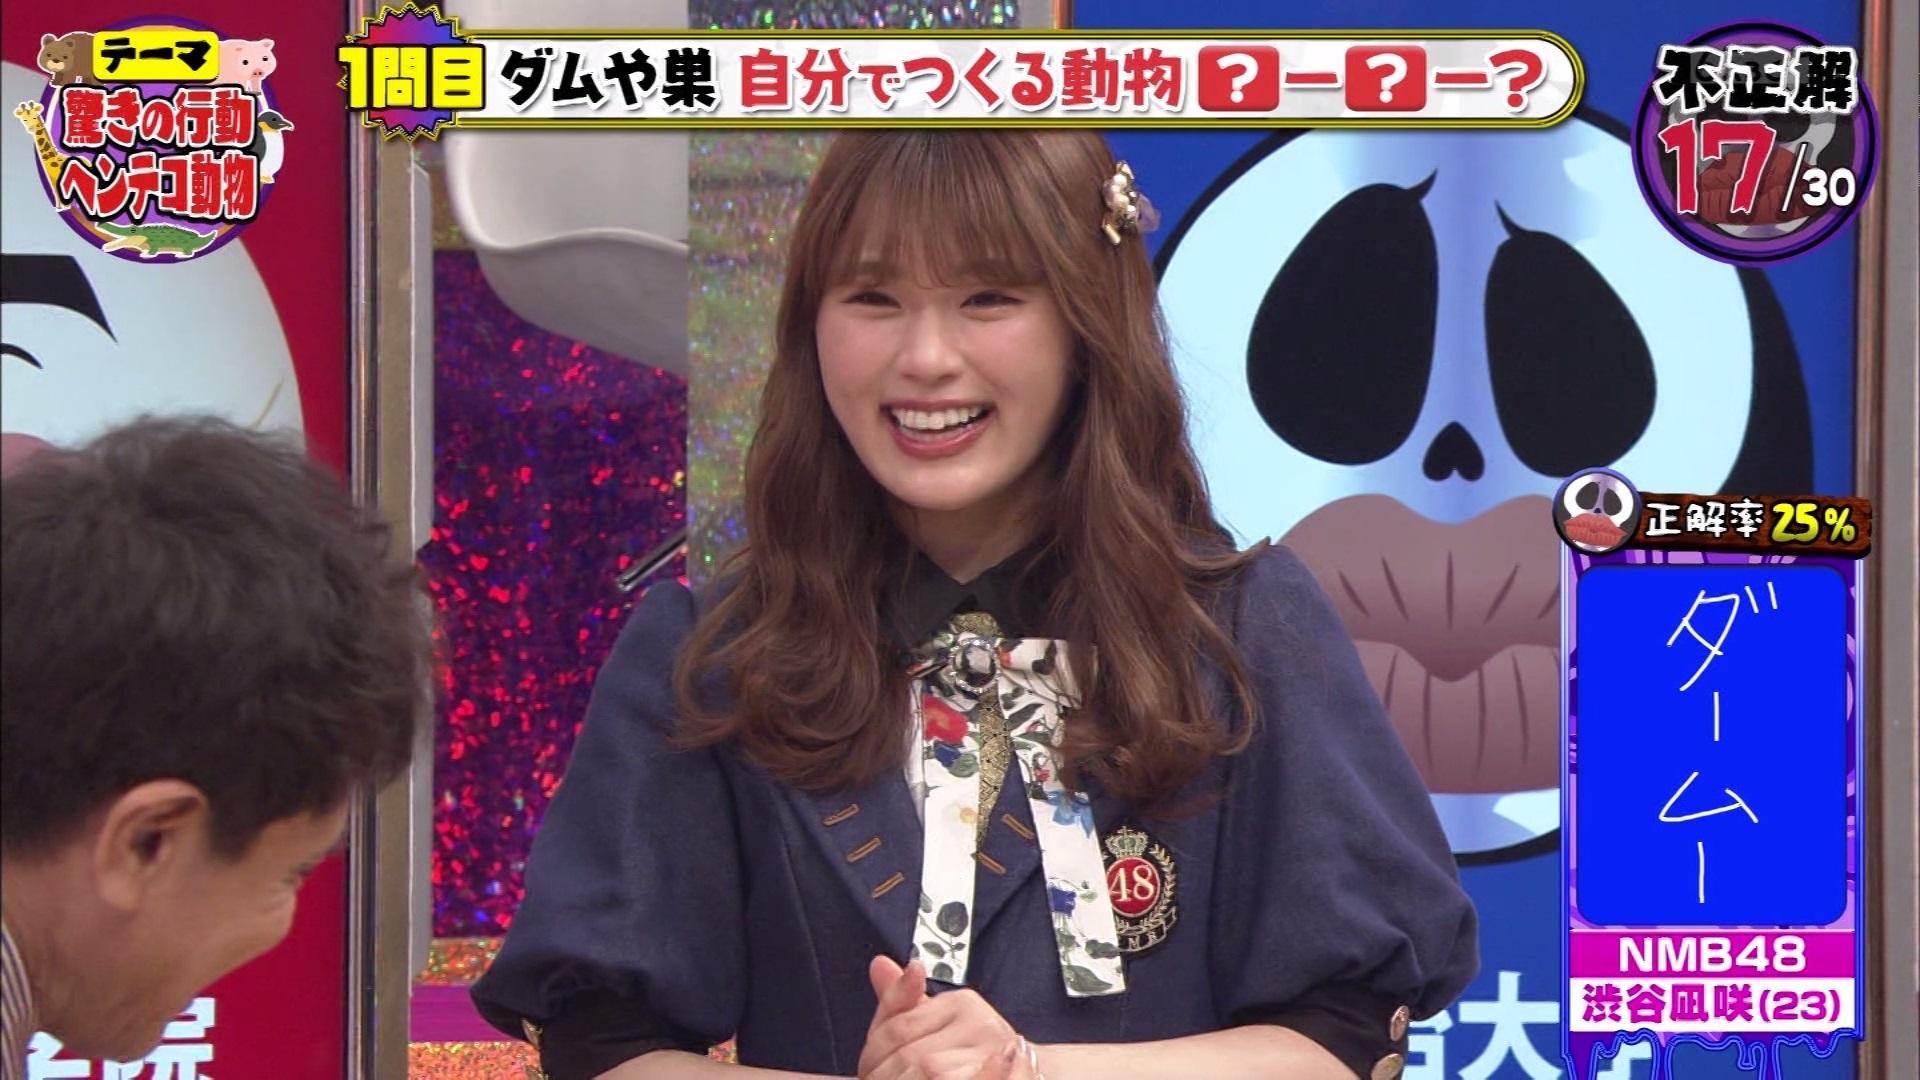 【渋谷凪咲】なぎさ出演5月5日放送「トリニクって何の肉!?」♯31の実況と画像など